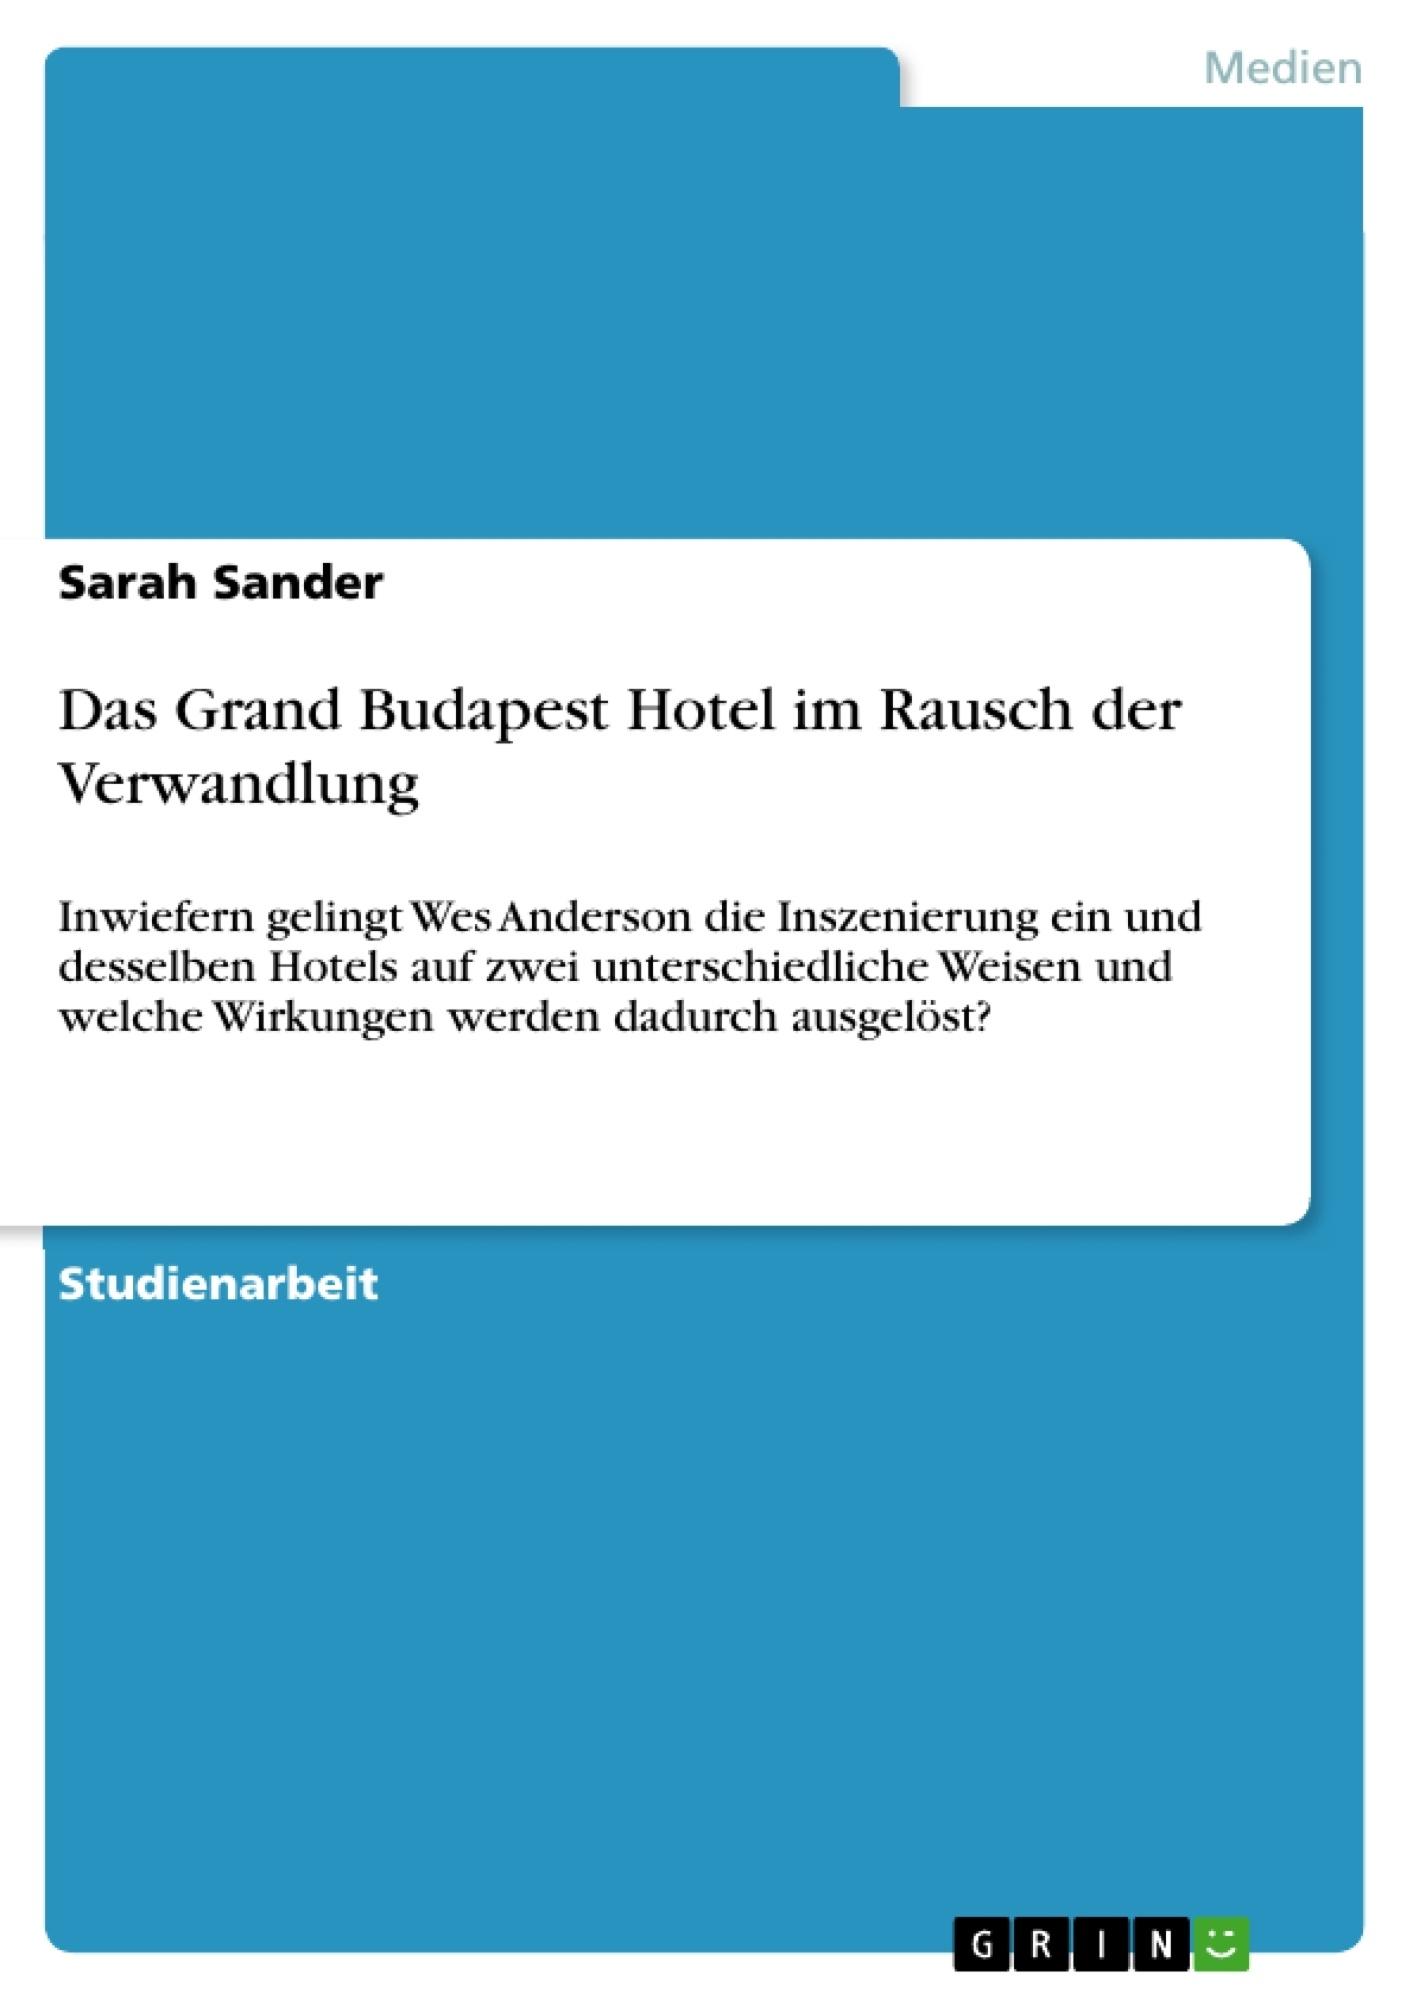 Titel: Das Grand Budapest Hotel im Rausch der Verwandlung